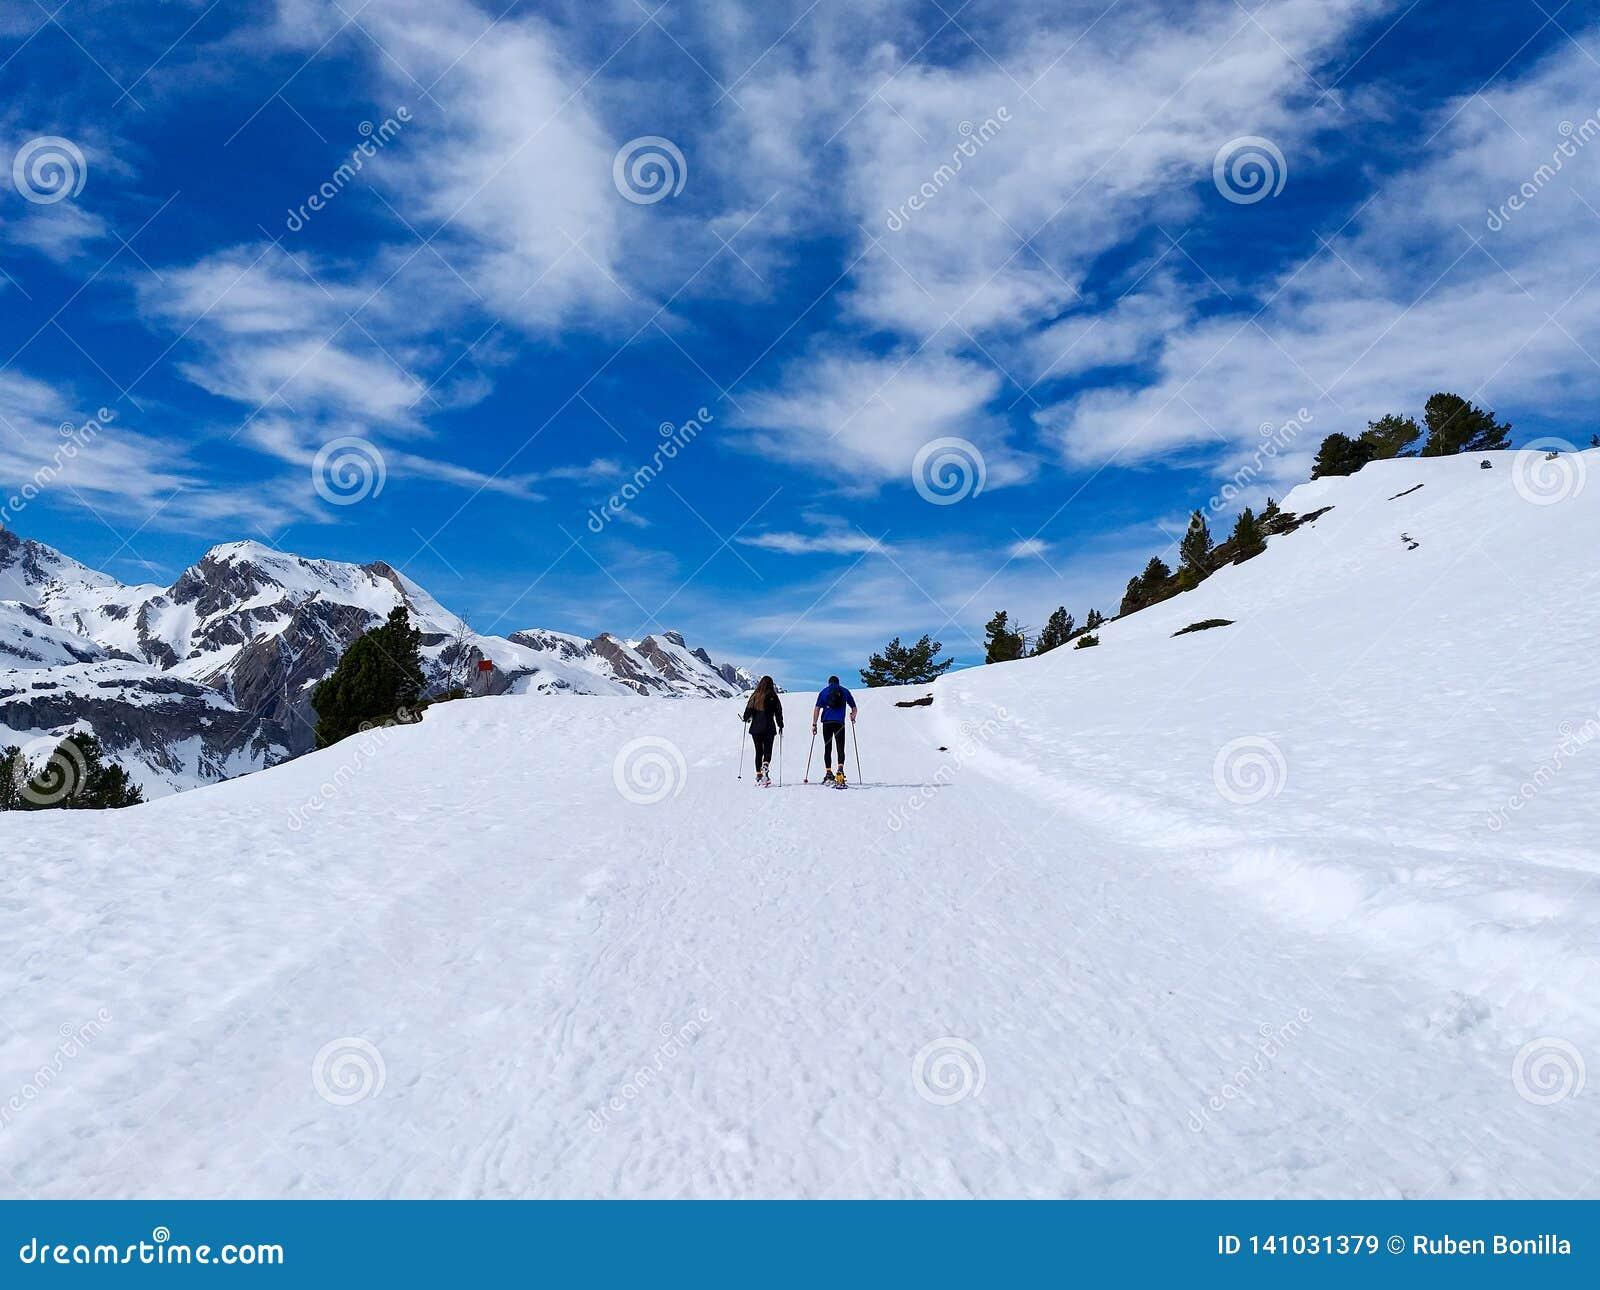 走在雪靴和棍子杆的旅行者夫妇在一座多雪的山的道路的冬天的白雪